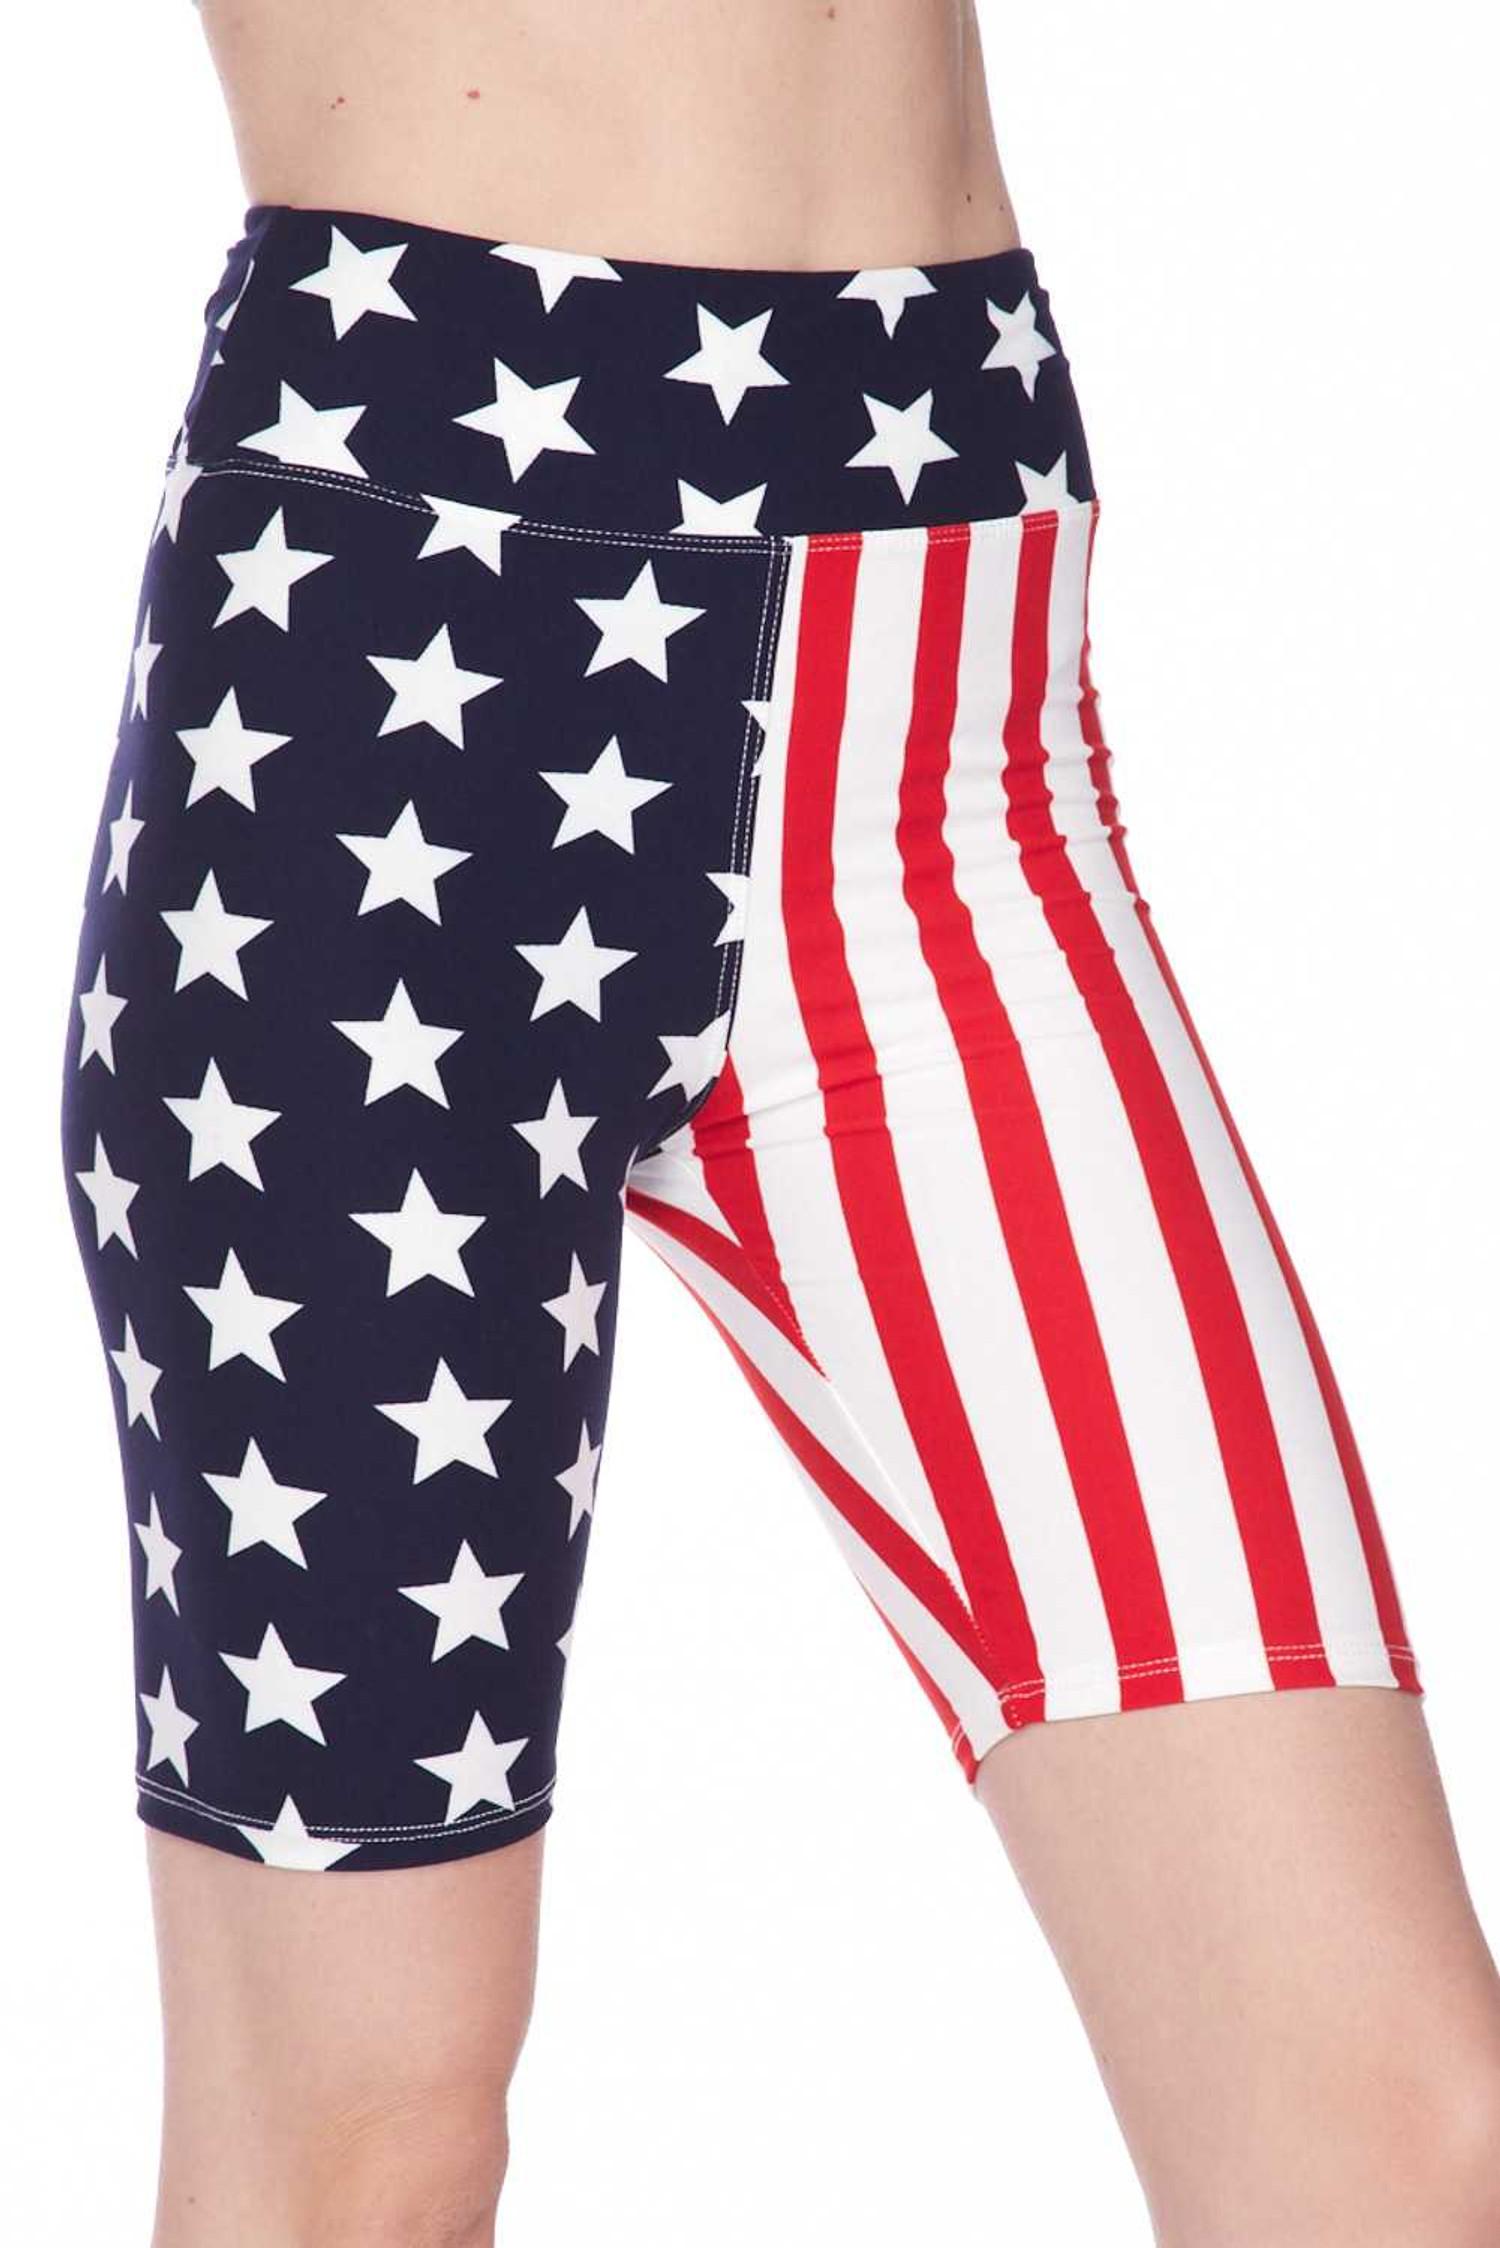 Buttery Soft USA Flag High Waist Plus Size Biker Shorts - 3 Inch Waist